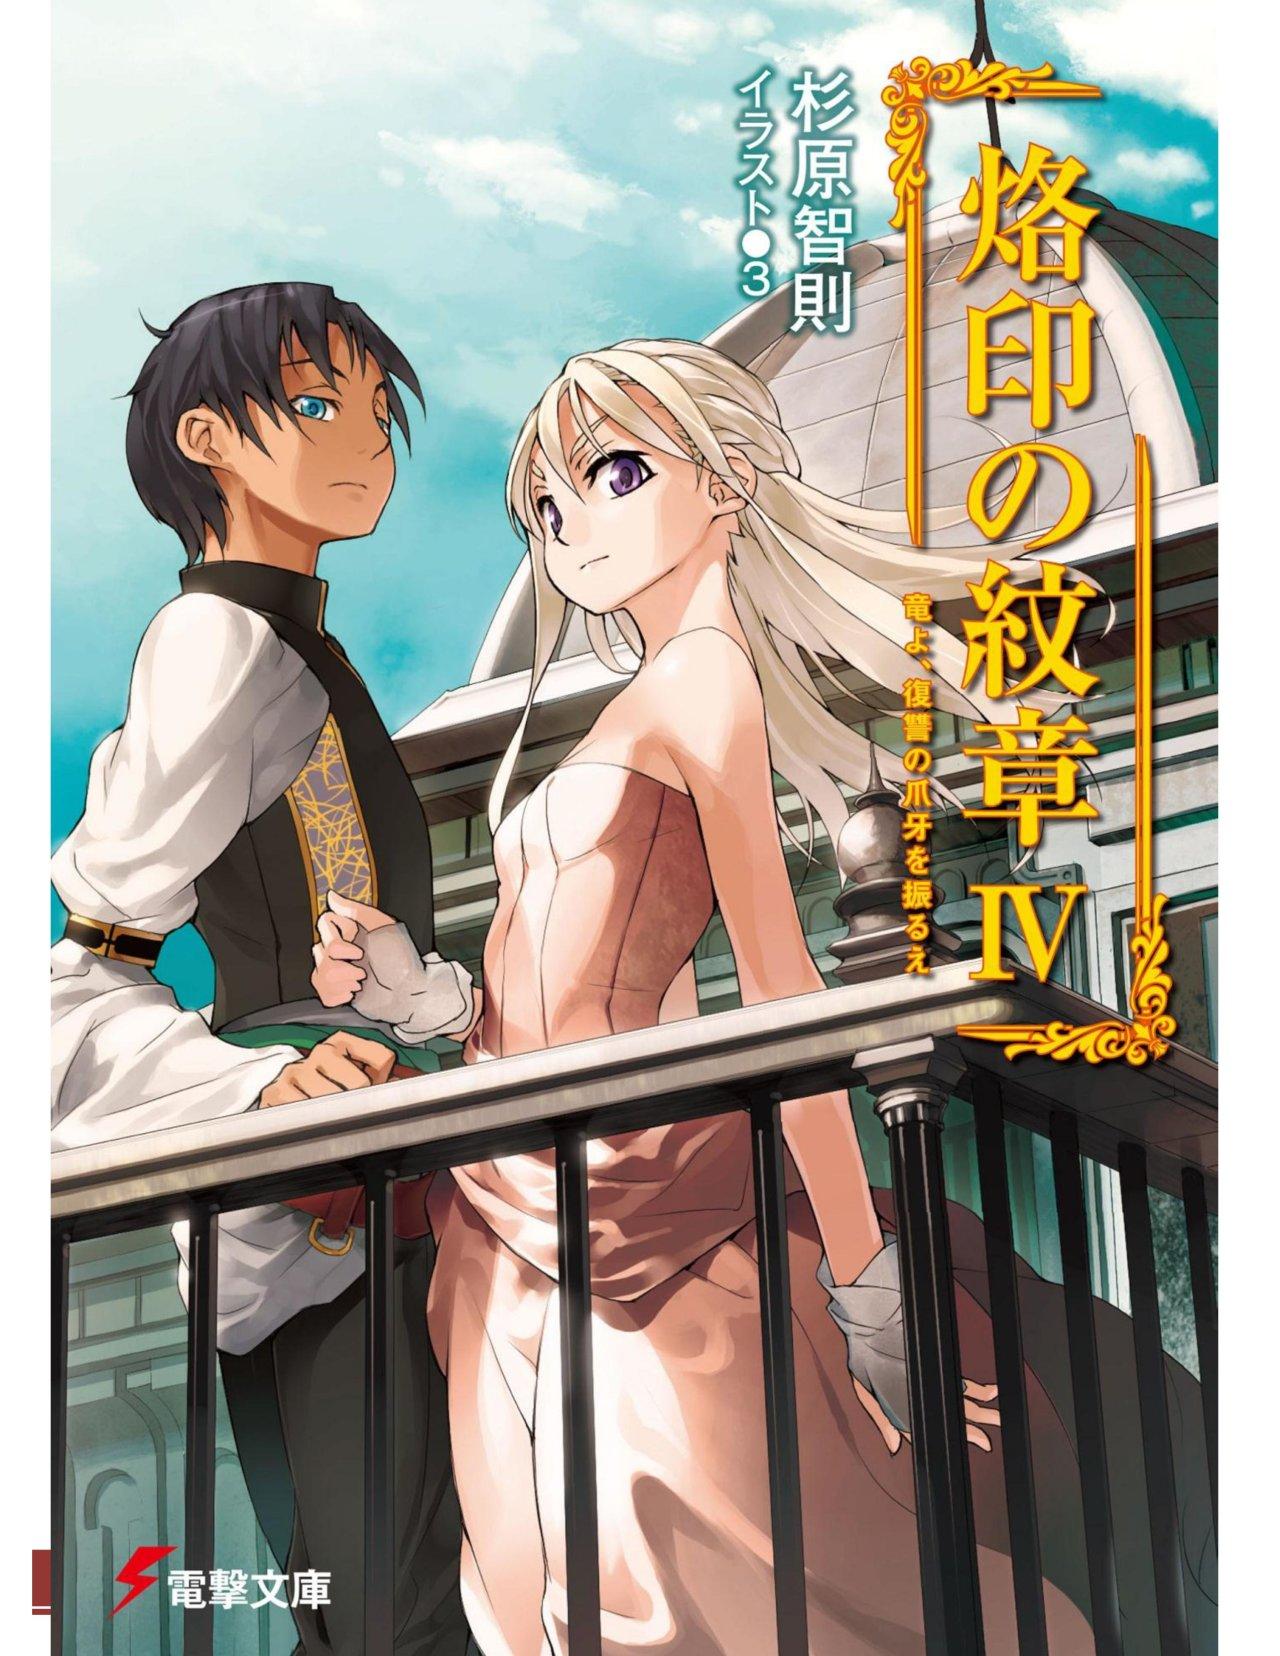 https://c10.mangatag.com/es_manga/pic5/22/25558/772022/ea6800b170ae74a500d50a77c1cd2b0c.jpg Page 1